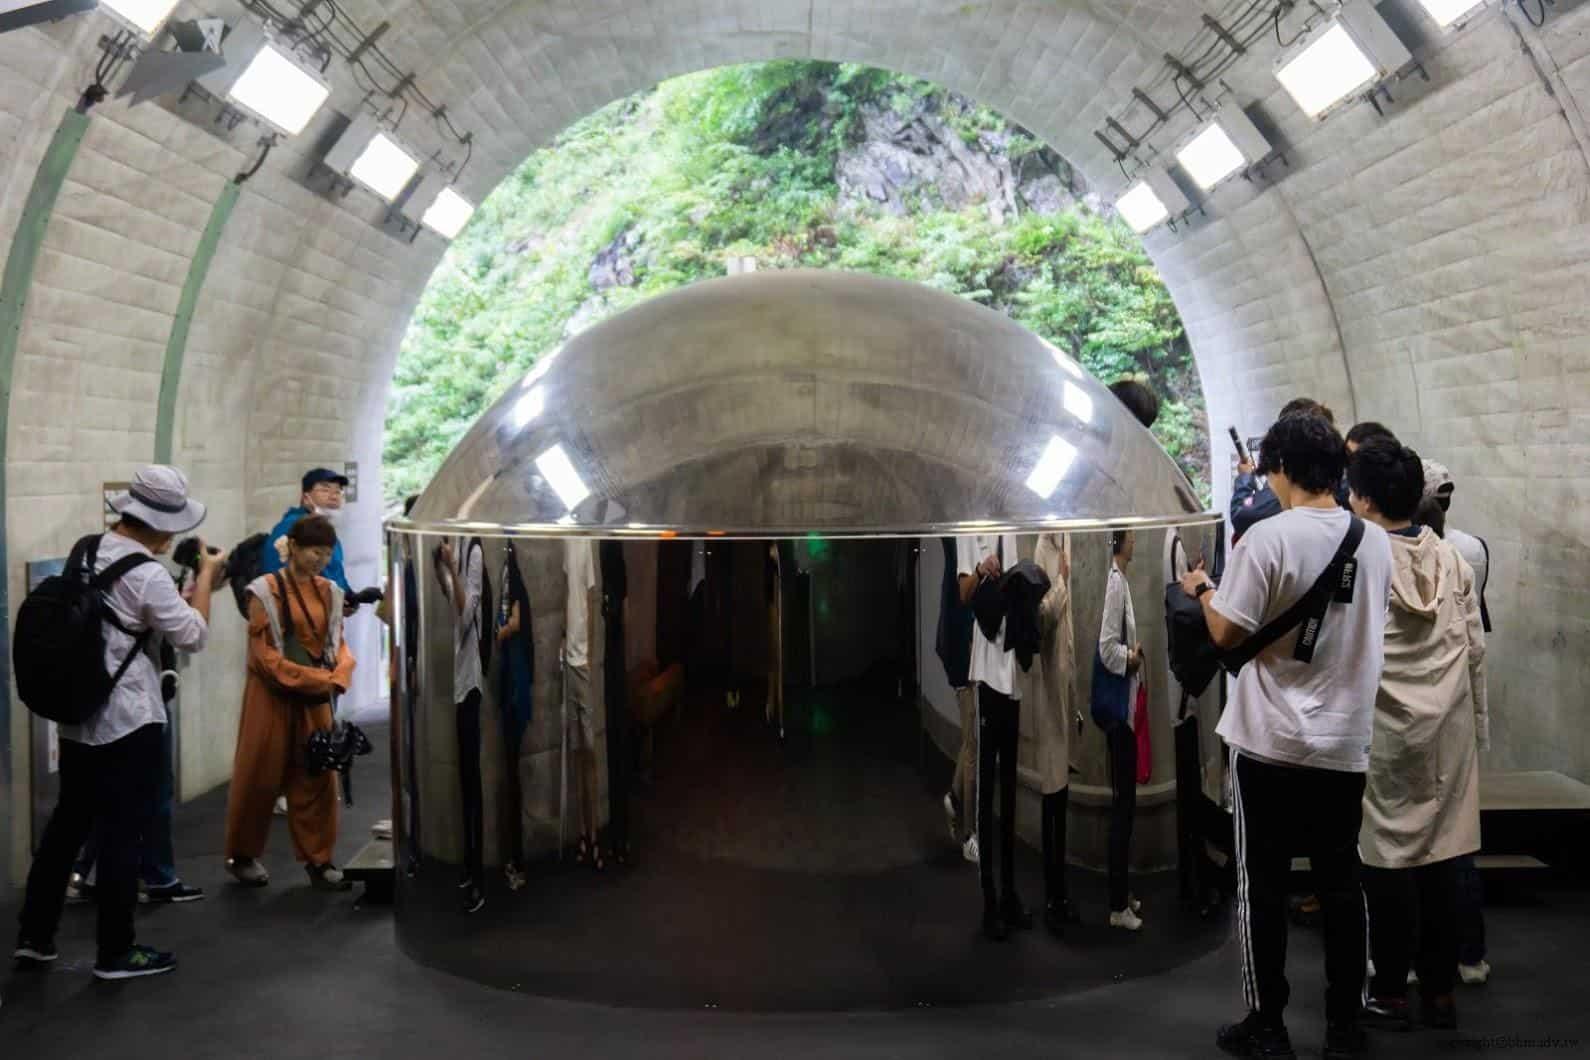 馬岩松,光洞,窺—金(第二觀景台),單面透視鏡洗手間「隱形泡泡」 越後妻有 光洞 periscopelight cave 08